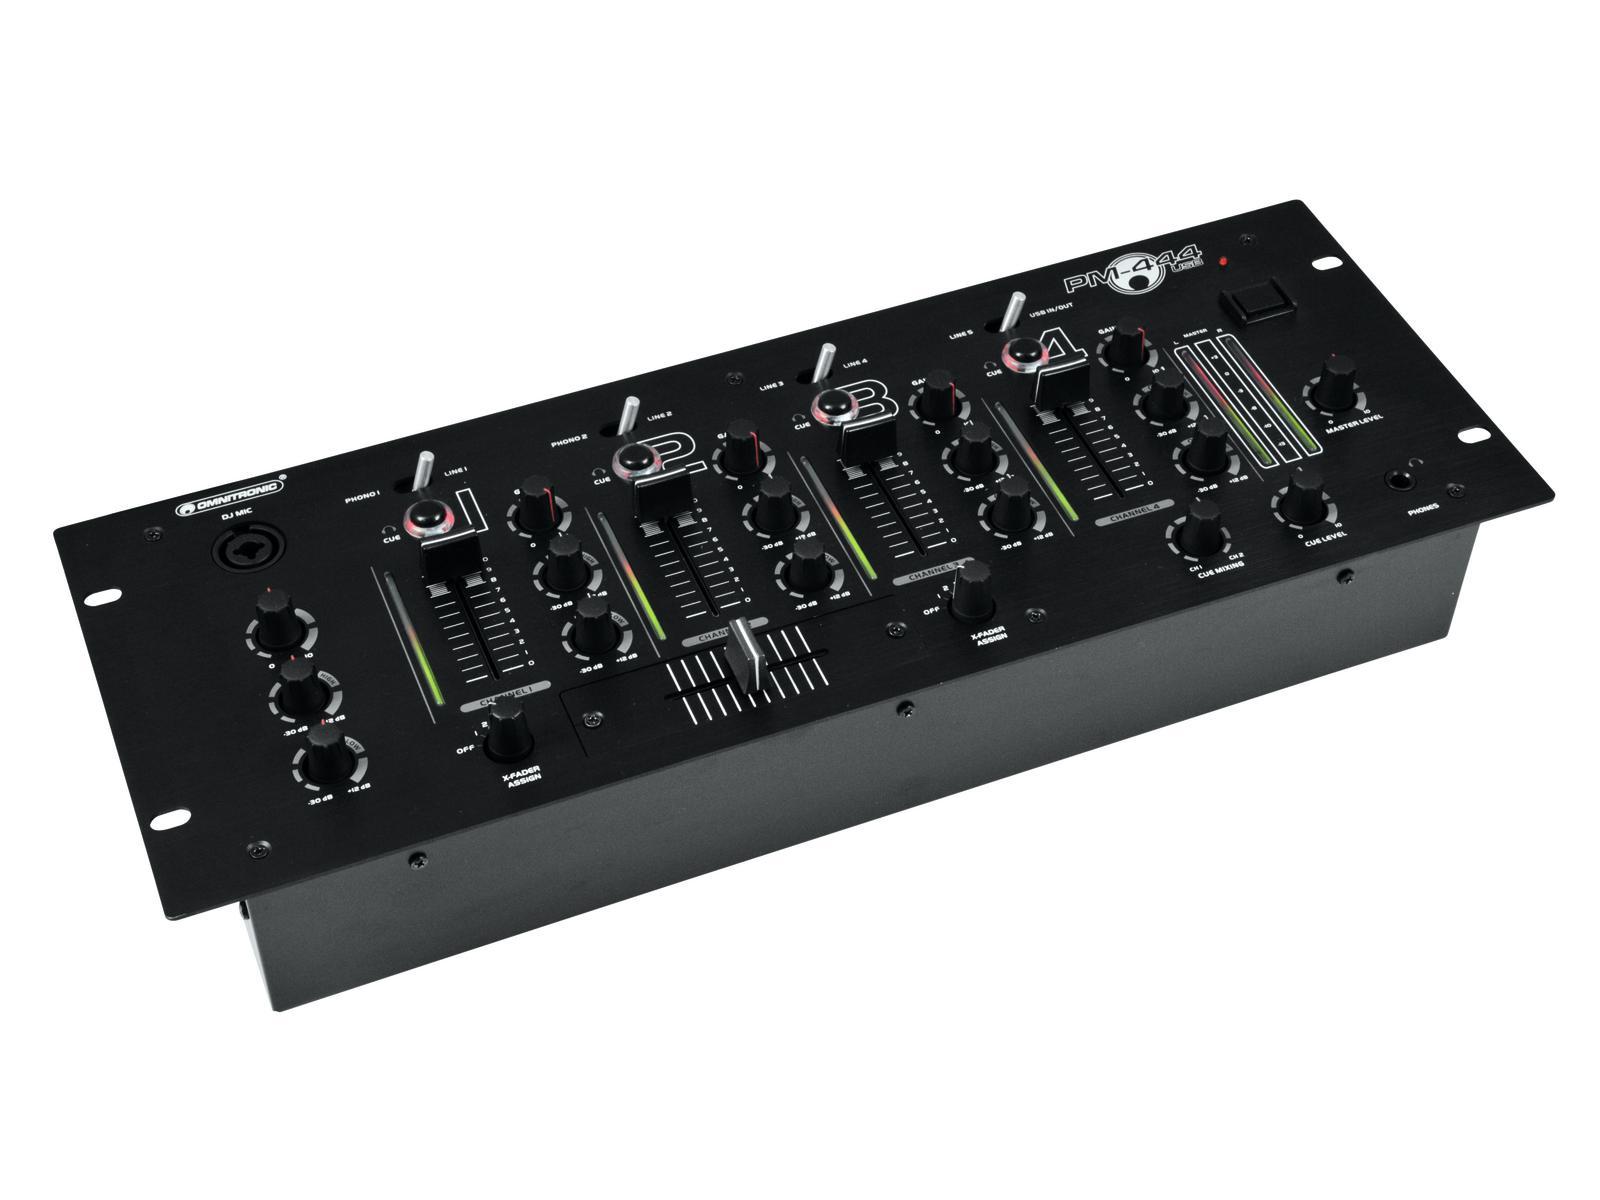 omnitronic-pm-444usb-4-kanal-dj-mixer